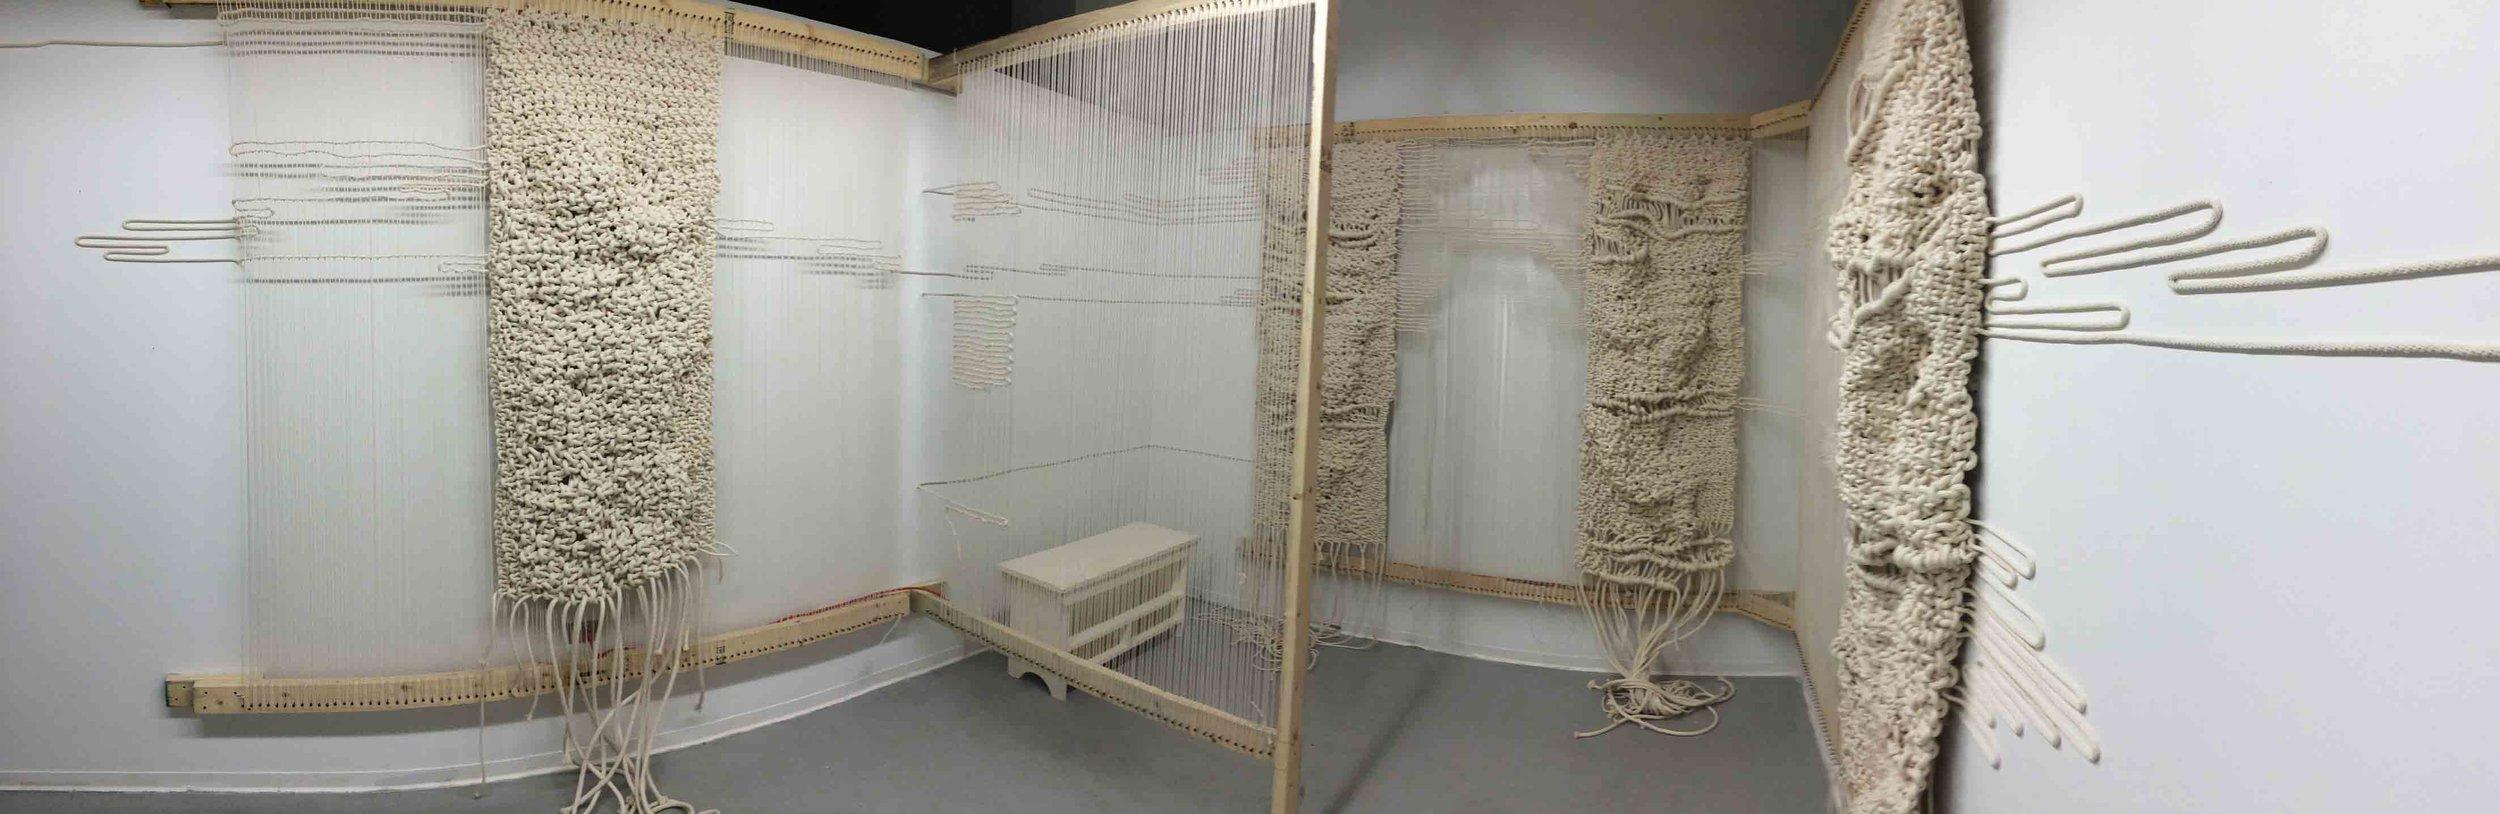 Jacqueline-Surdell-Artist-Installation-Examination-of-Workroom-01.jpg